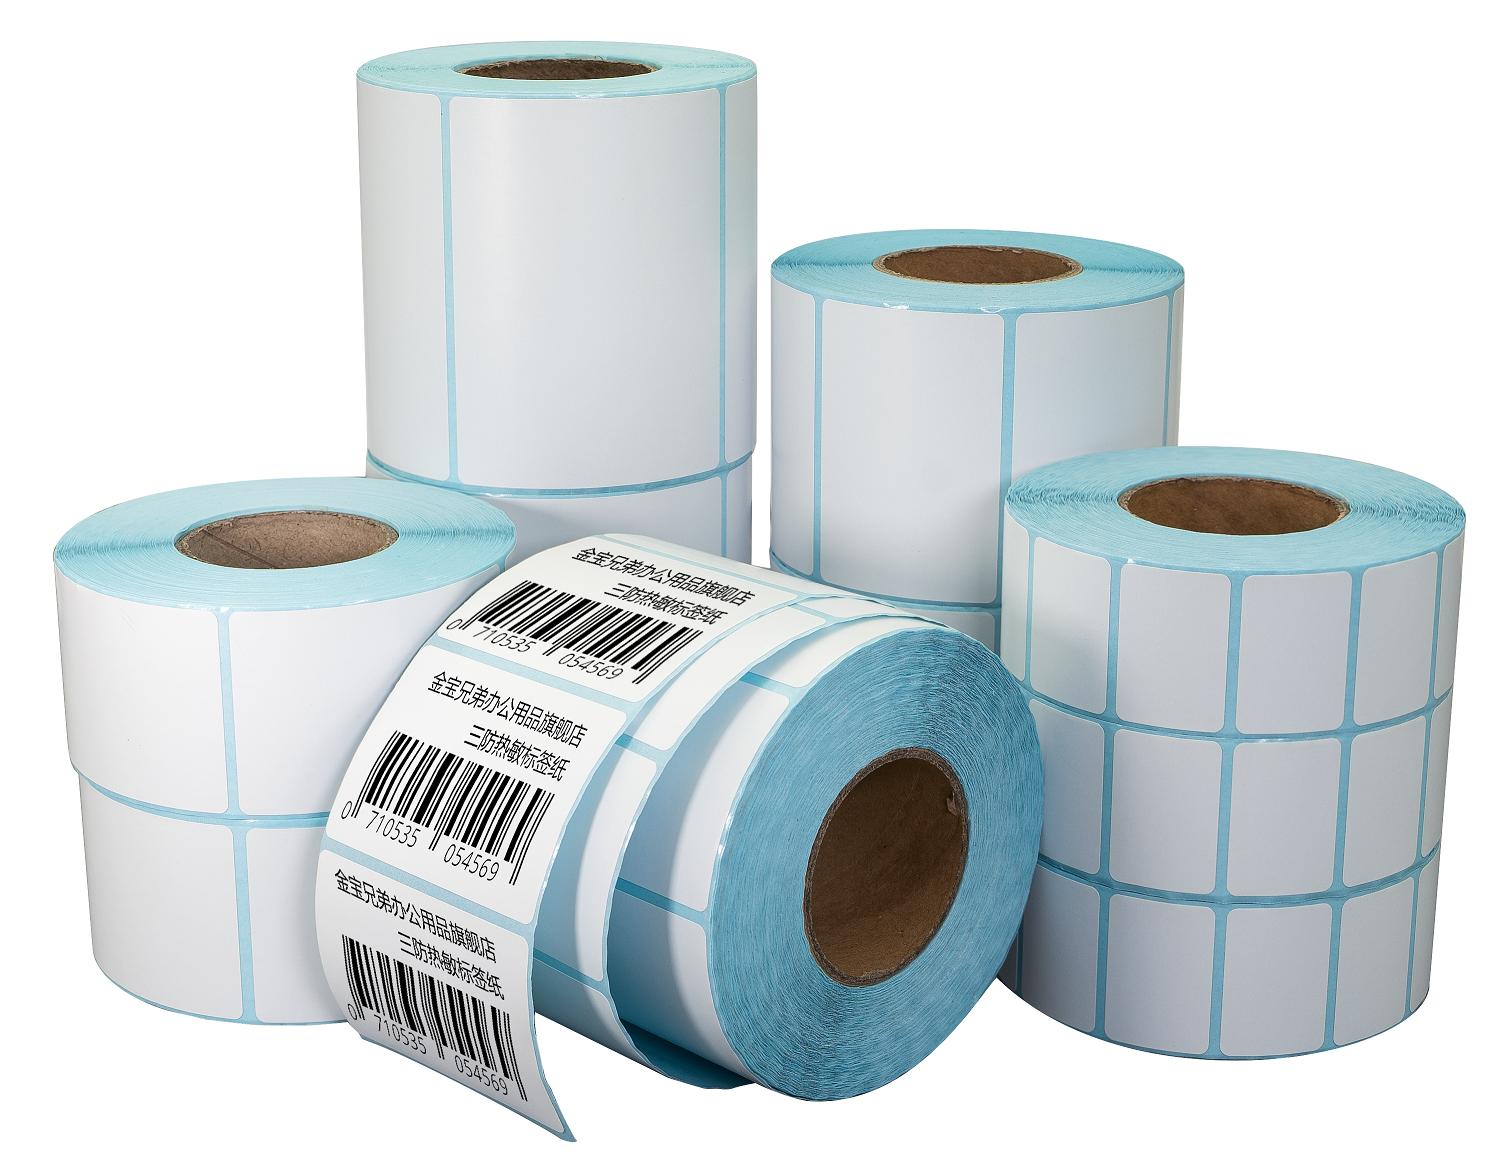 4 6 дюймов термальный слипчивый стикер этикетка рулон бумаги для штрих-кодов логистики доставка термопринтер печати этикеток наклейка упаковка